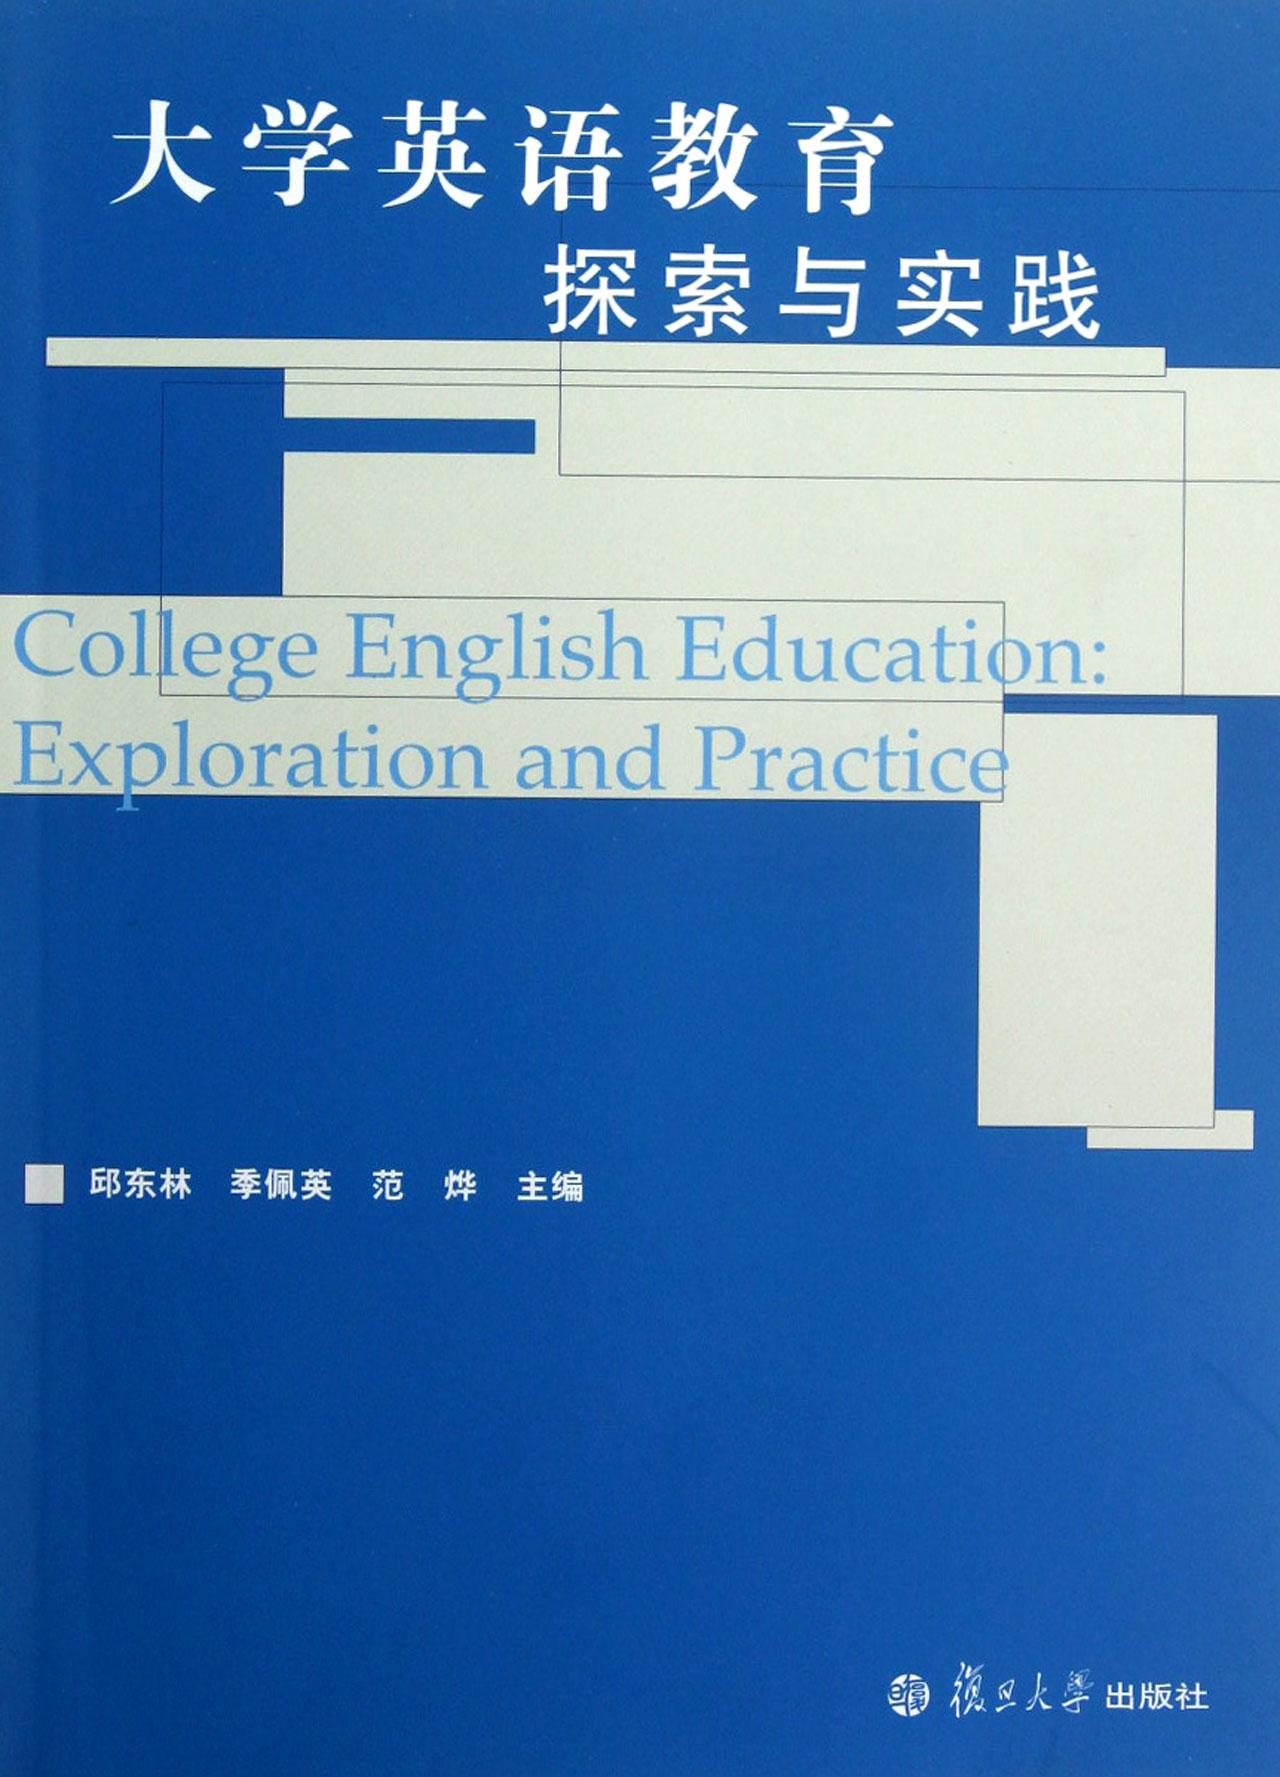 学术英语 季佩英 范烨-学术英语课后答案/学术